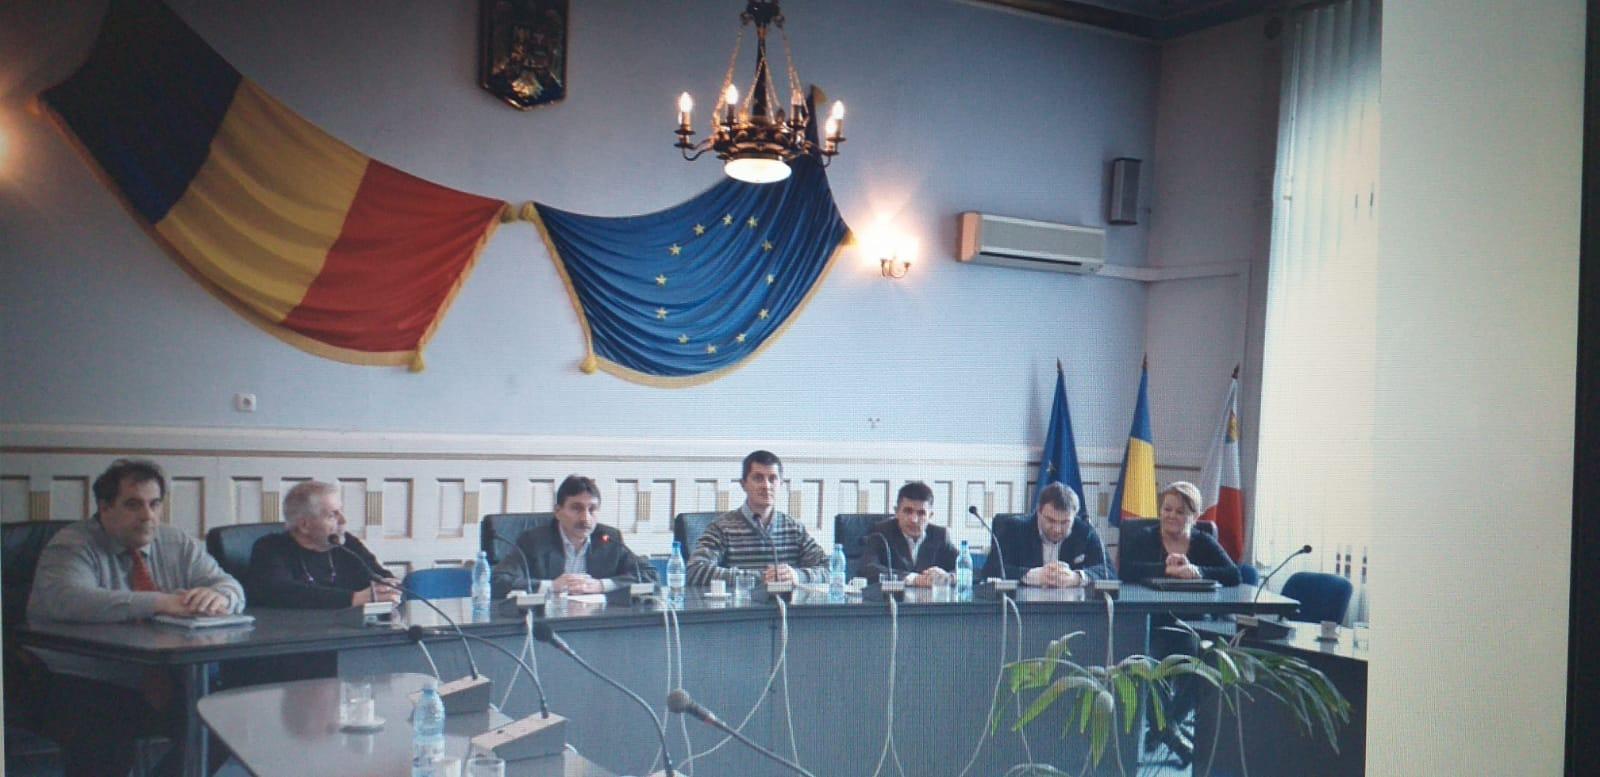 Dan Barna (centru), Ion Dumitrel, președintele Consiliului Județean Alba( în stânga față de Dan Barna), Magdalena Bene (dreapta) și Martin Balogh, Fundația Civitas (în stânga Magdalenei Bene) la o întâlnire din 2011.